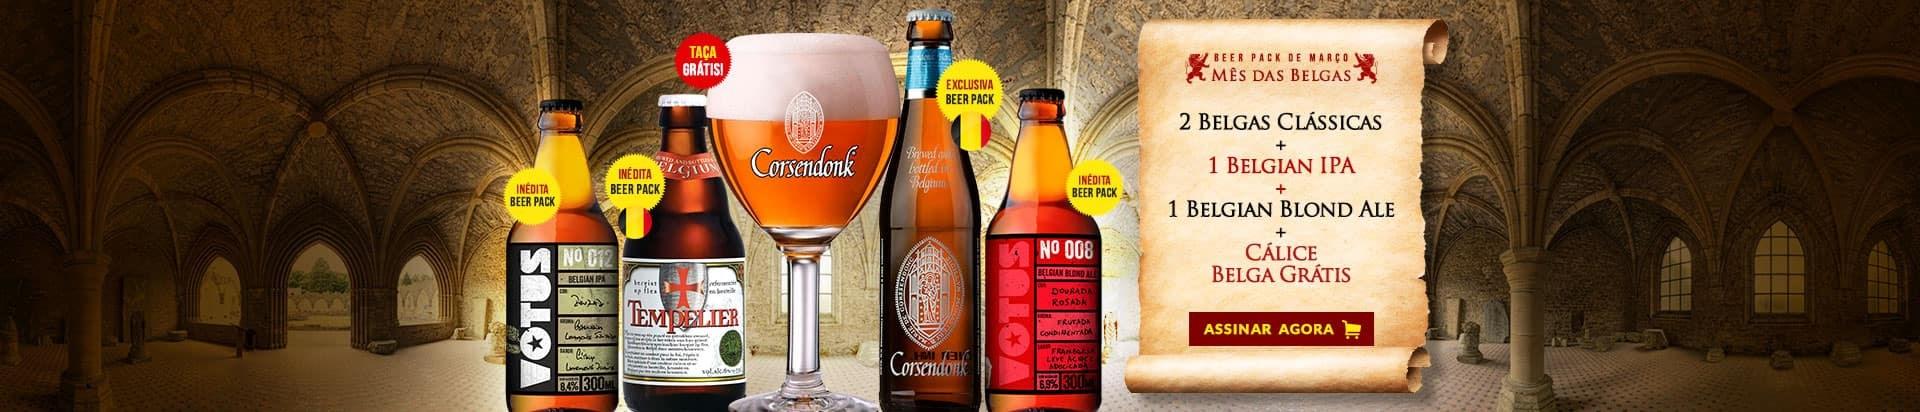 Clube de Assinatura de Cervejas